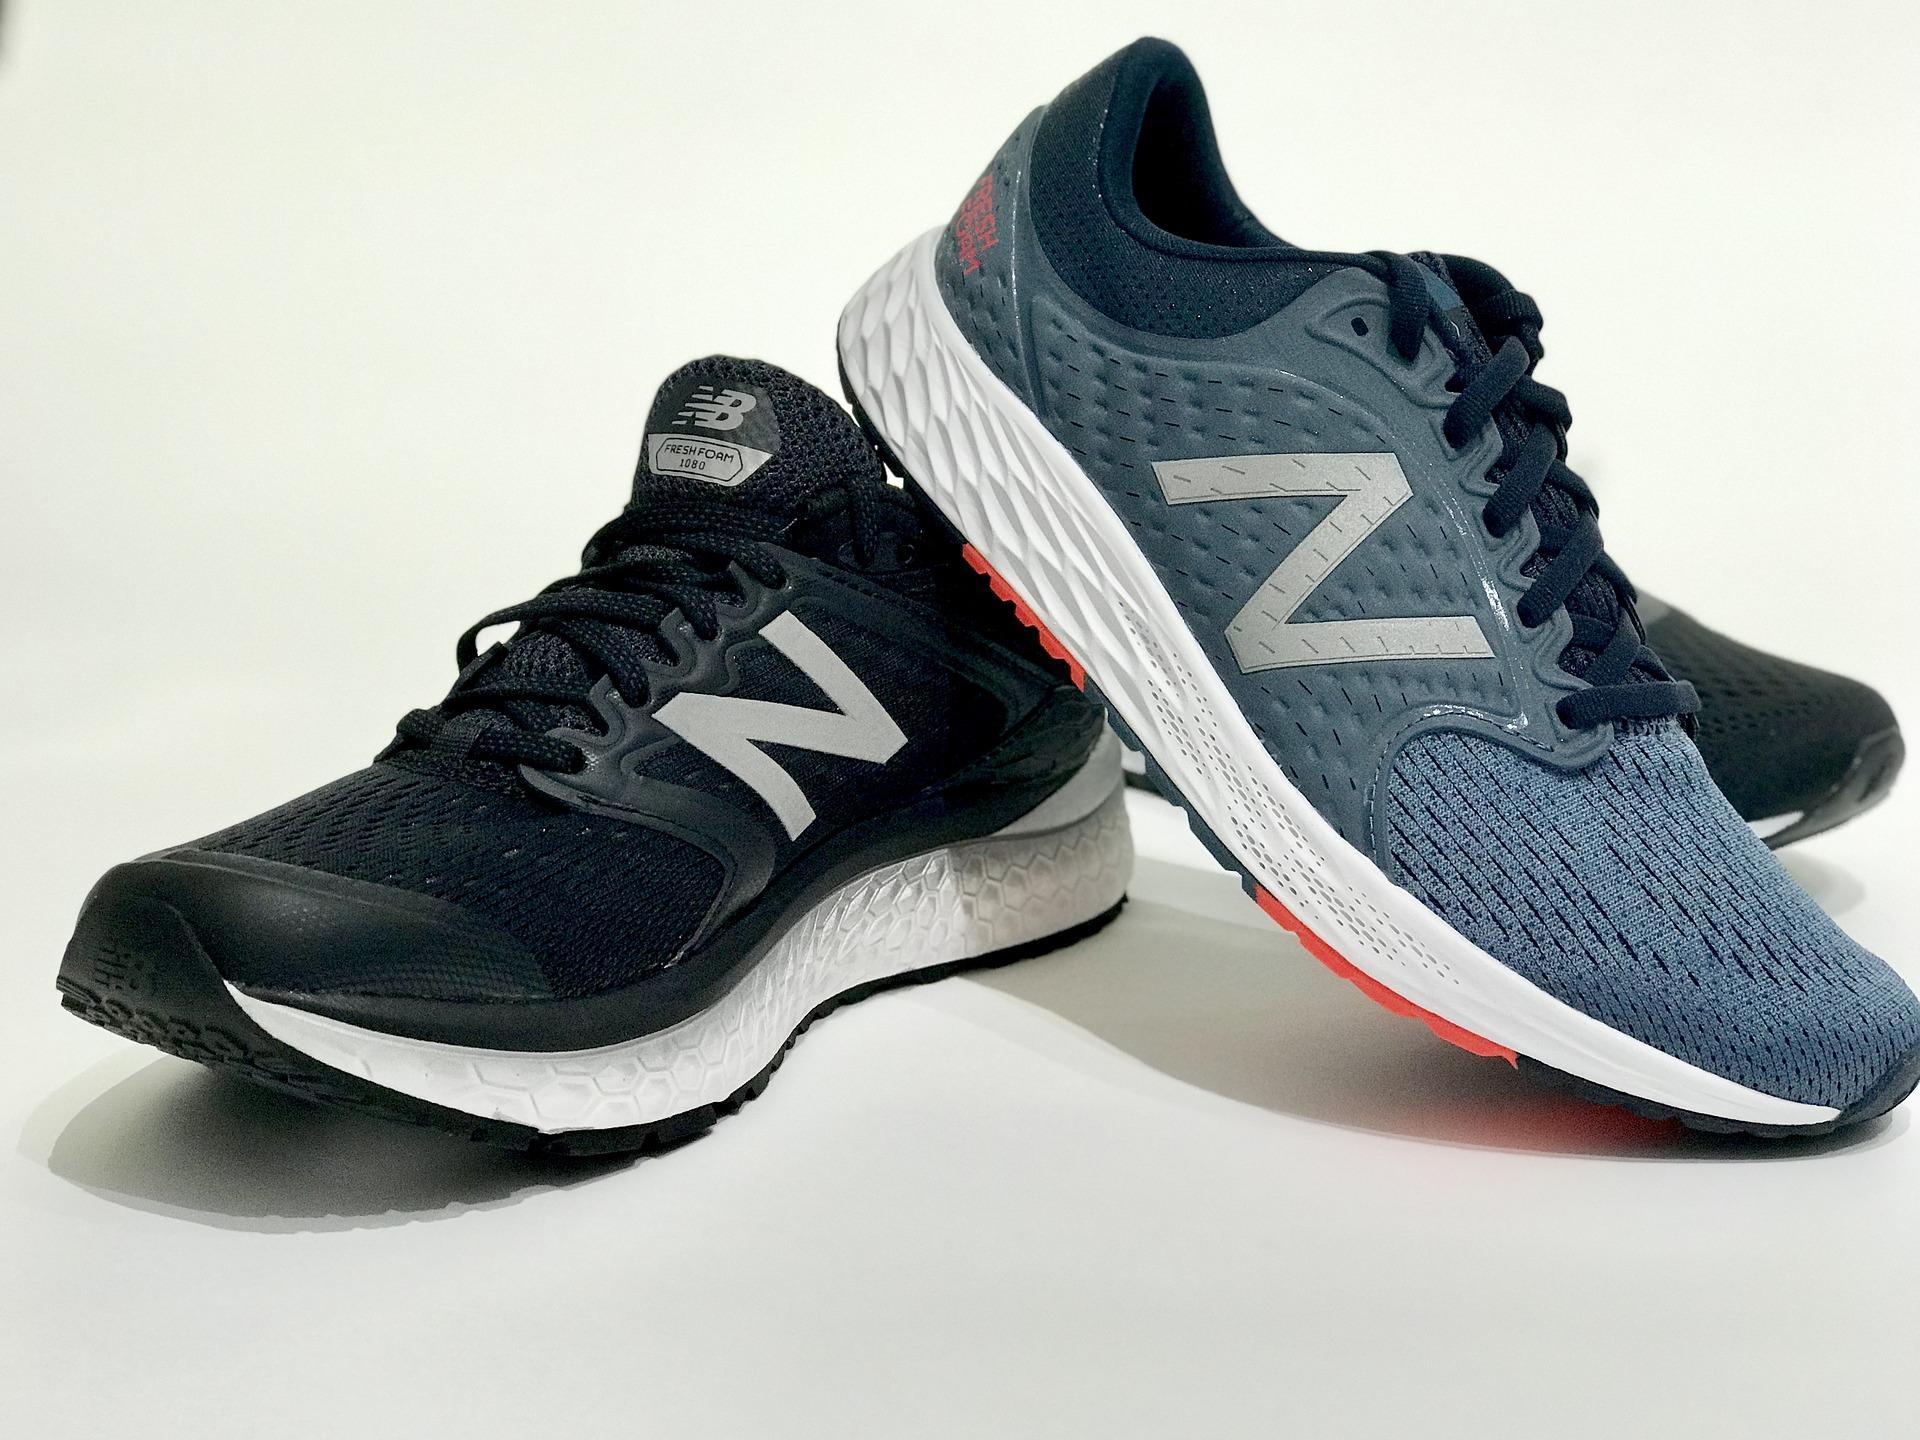 Кроссовки New Balance можно забрать соскидками 79% вофициальном магазине